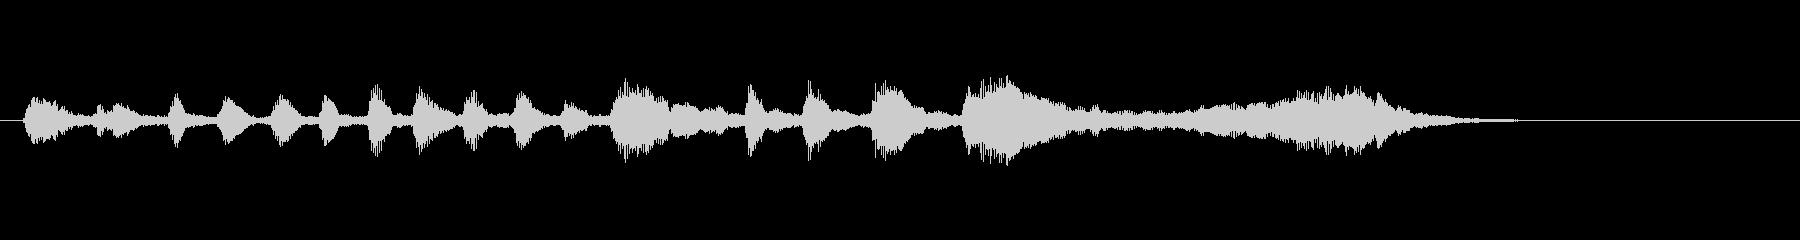 生演奏!トランペット華麗なファンファーレの未再生の波形